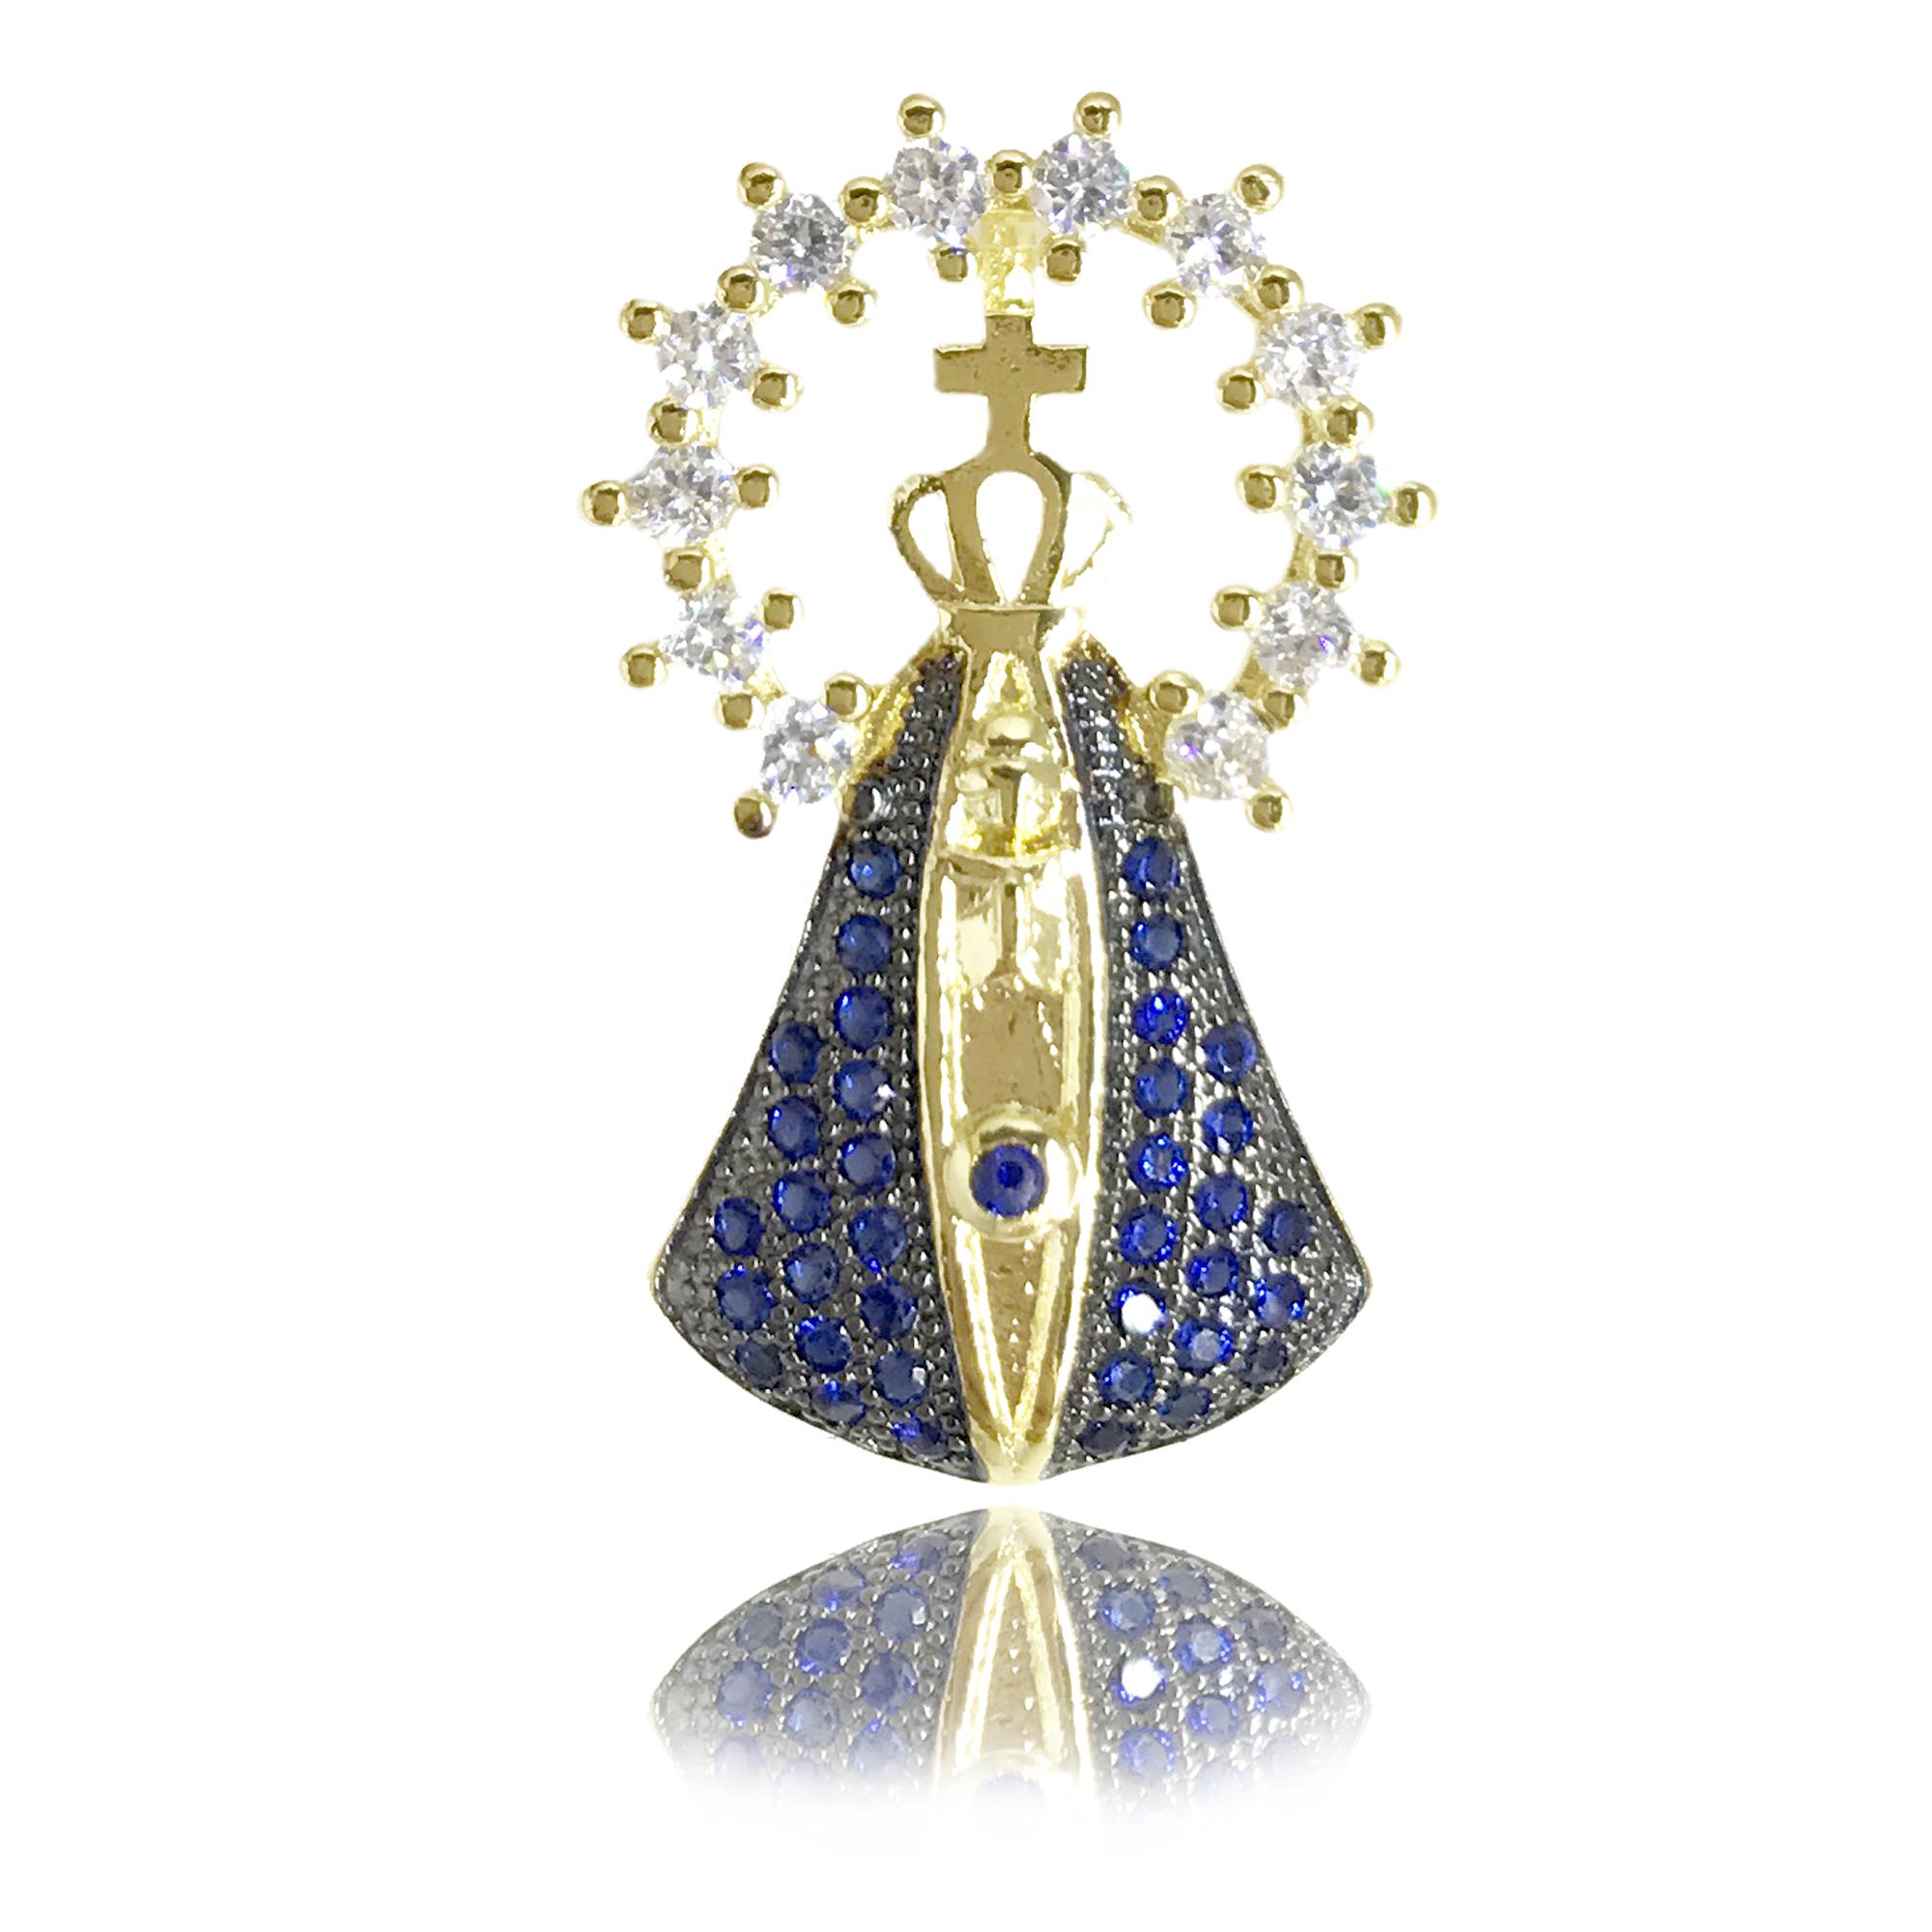 Pingente médio Nossa Senhora Aparecida cravejado com mini cristais azuis e branco com manto em detalhe de ródio negro